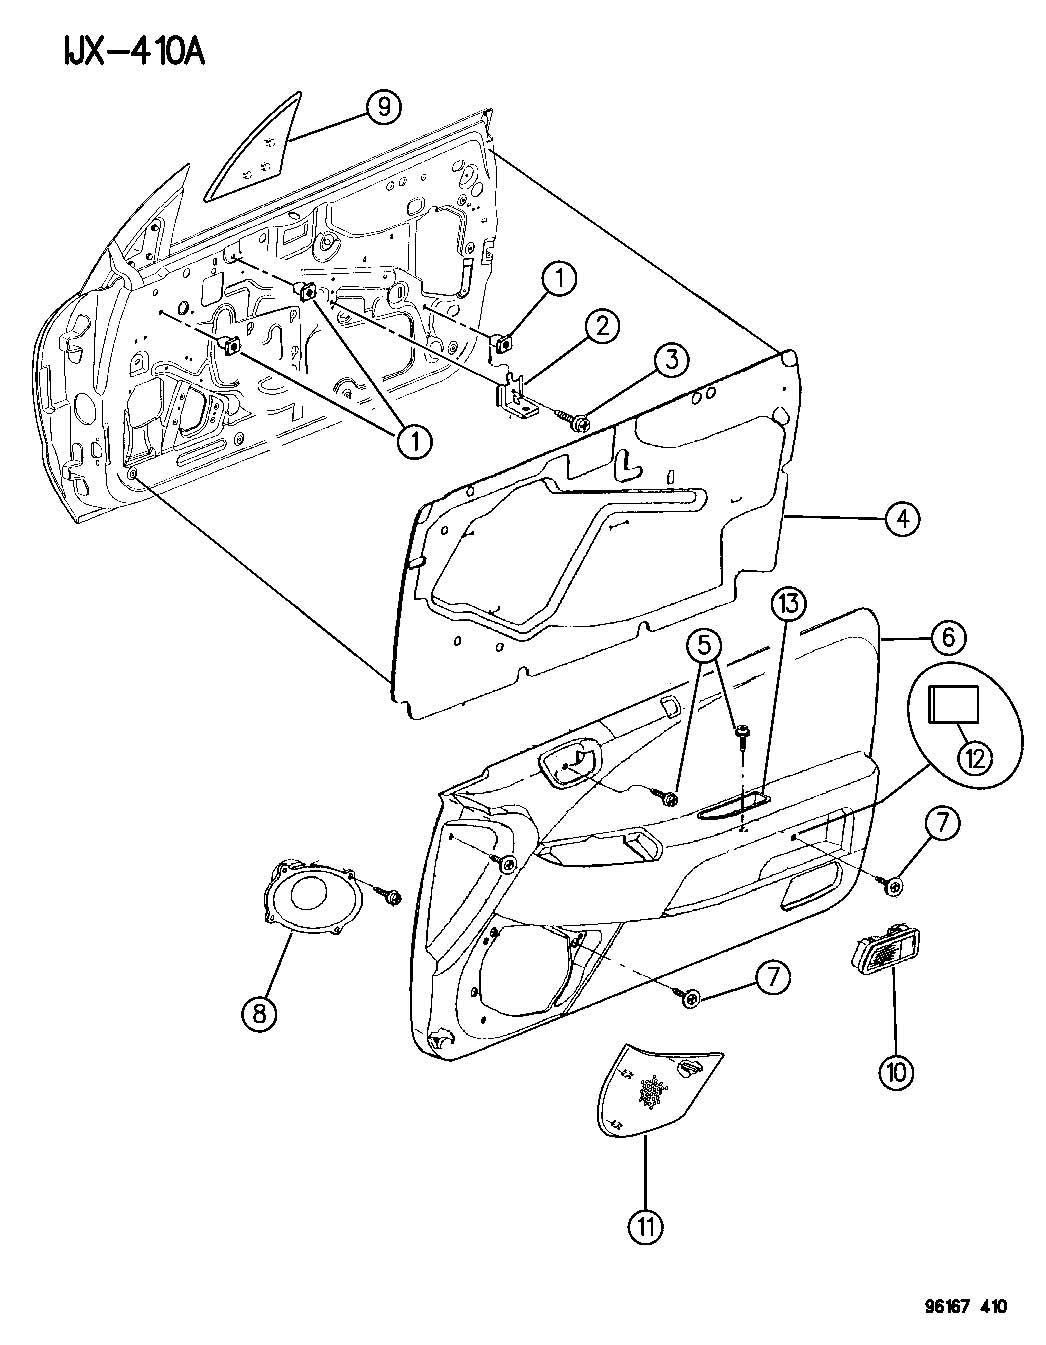 Chrysler Sebring Jx Convertible 2 5l V6 A T Grille